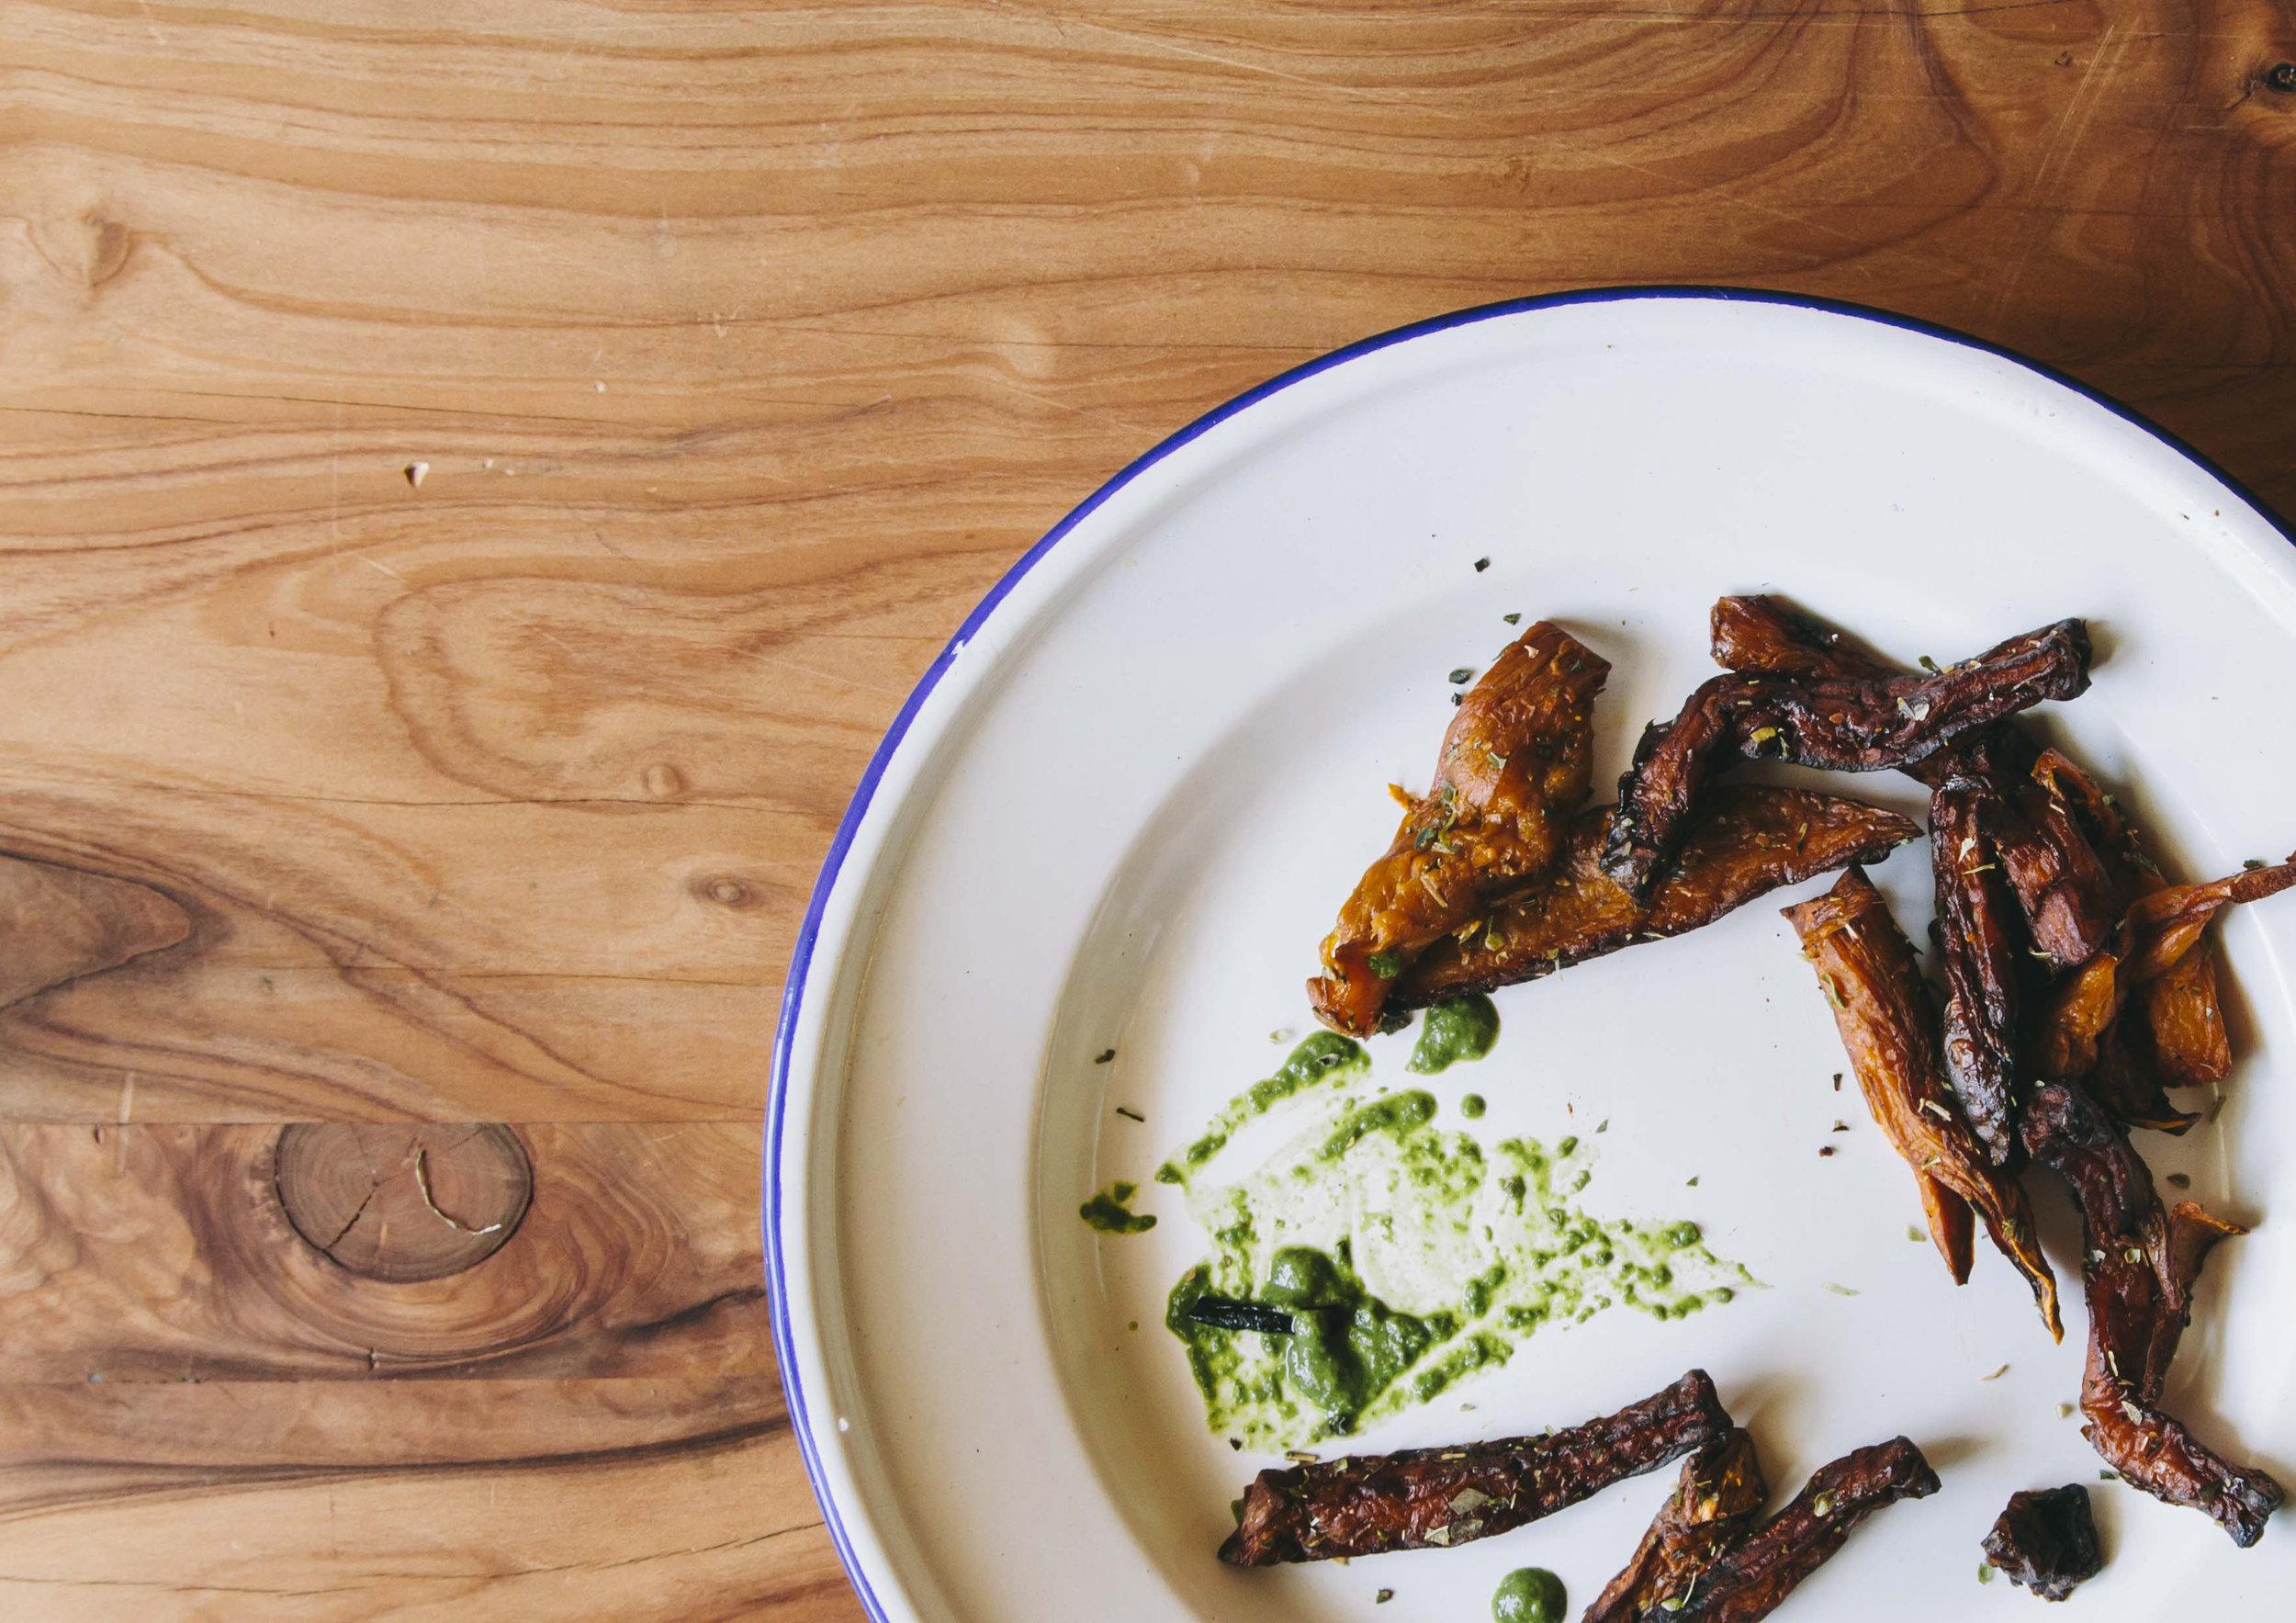 naked-chicks-restaurant-food-styling-1.jpg